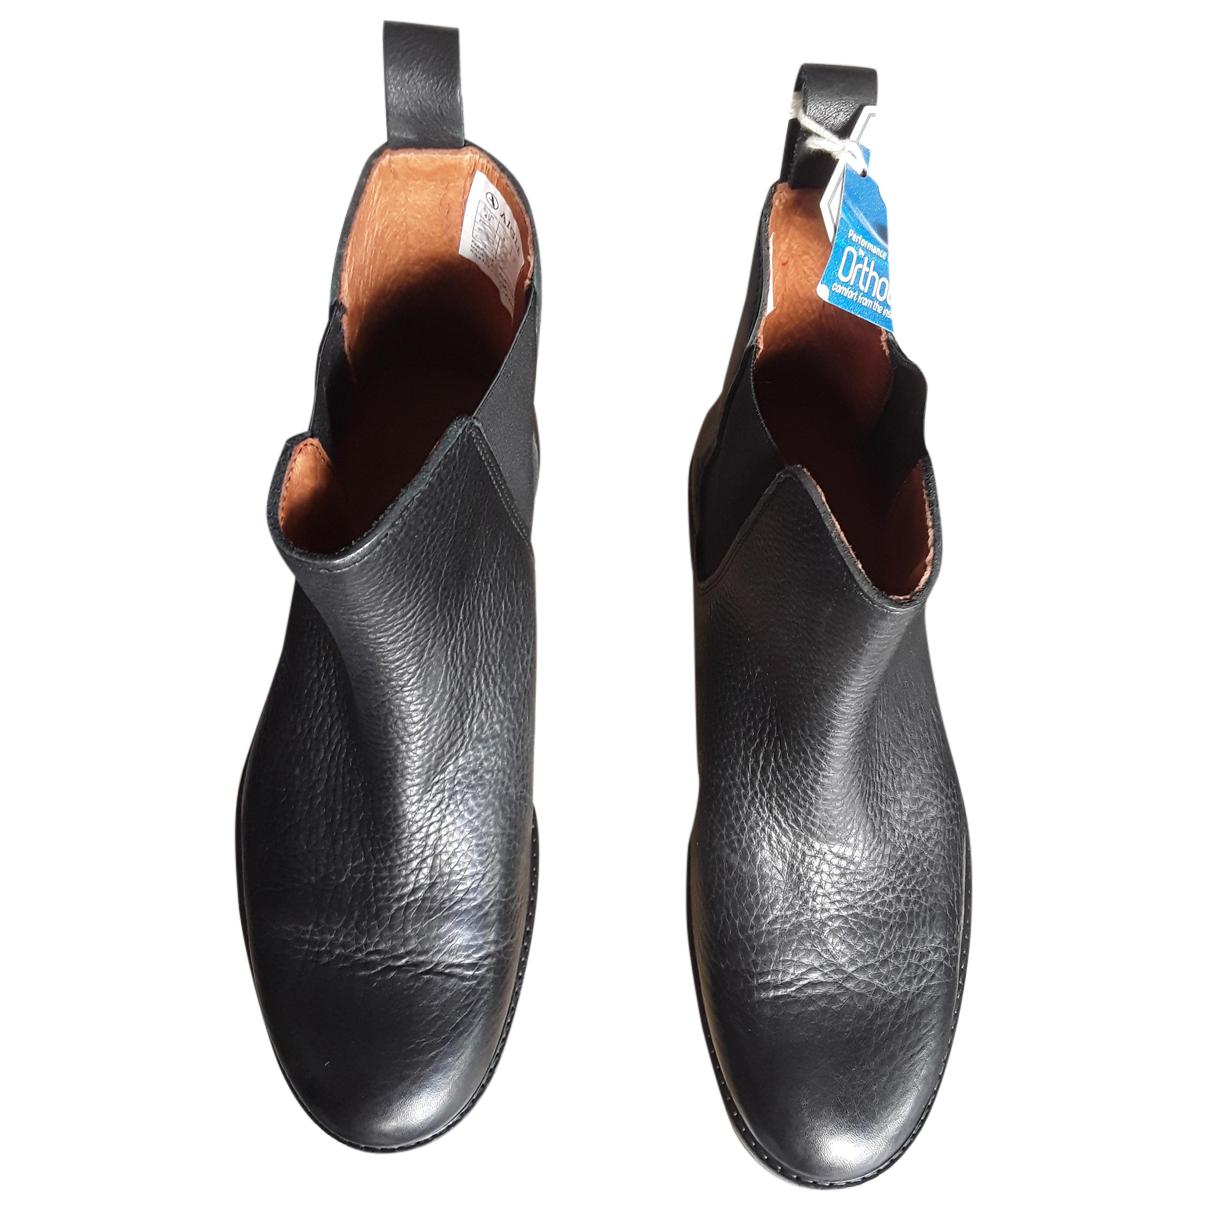 Aigle - Bottes.Boots   pour homme en cuir - noir